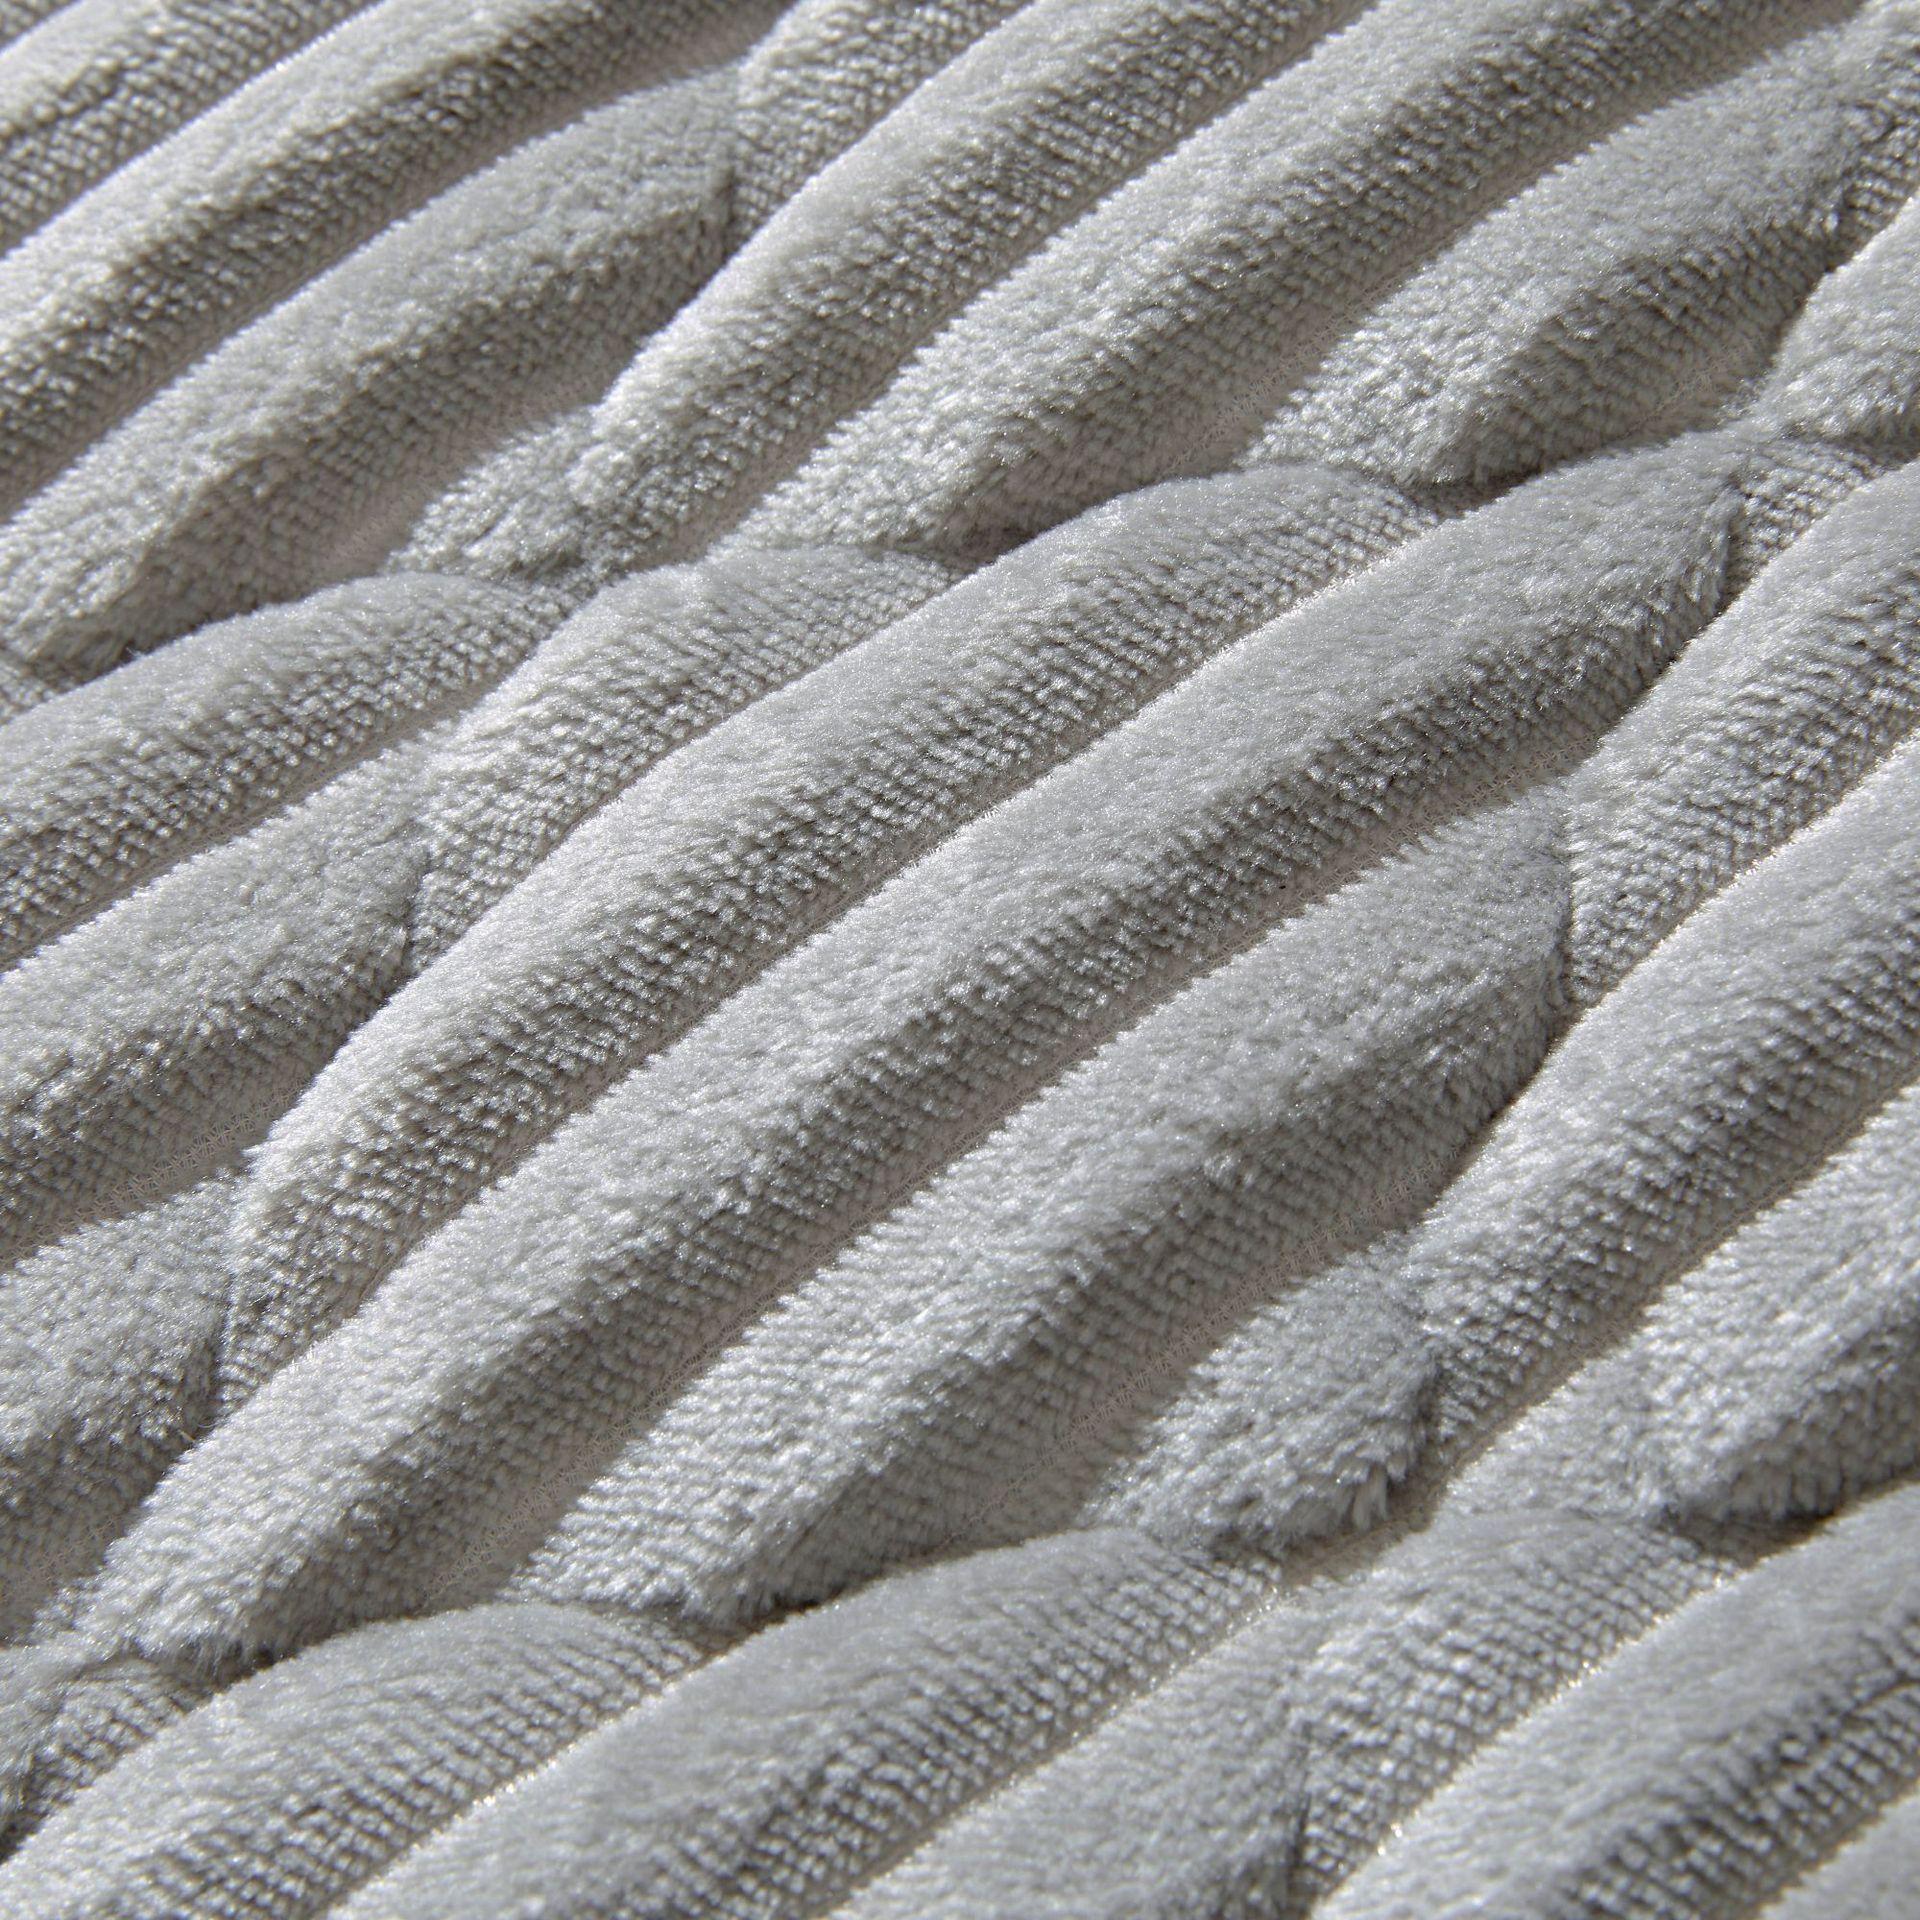 纯色条纹日式绗缝法兰绒地毯卧室客厅床边地毯加厚家用地垫可定制